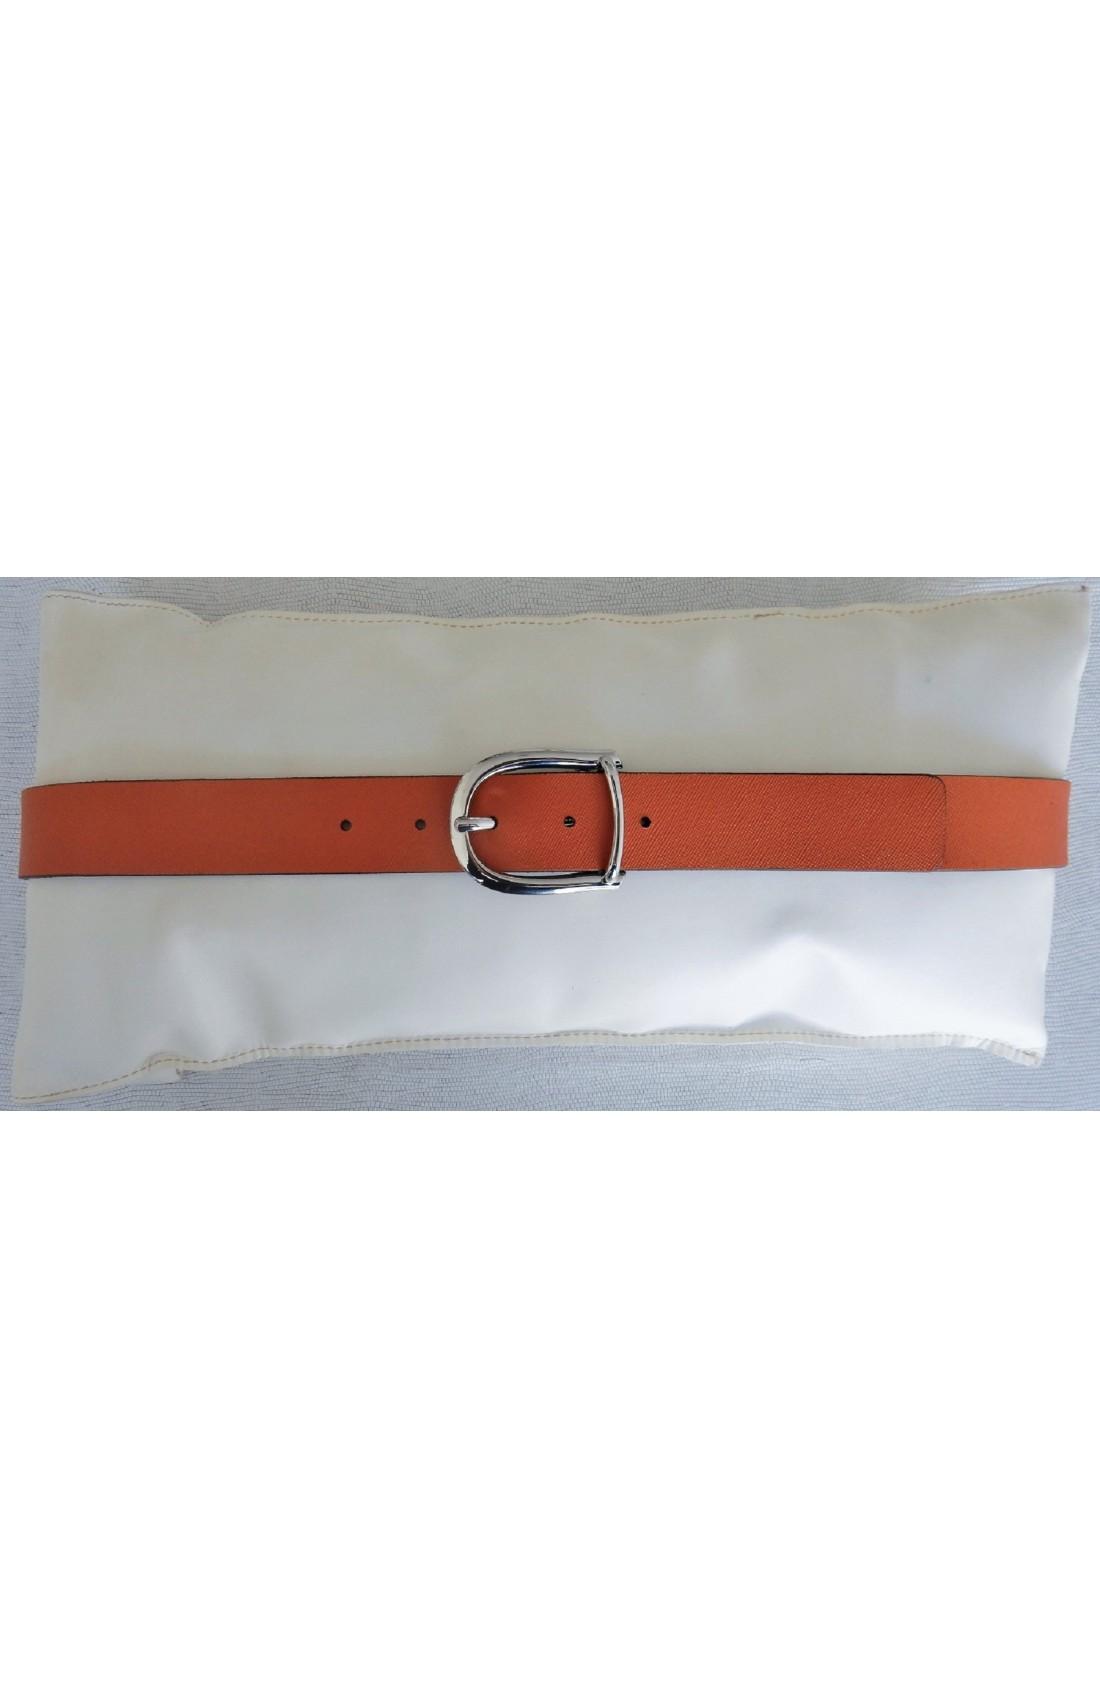 art. 473 SAFFIANO mm.35 var. 8 arancione Fibbia Standard L 66 mm.35 nikel free (3)